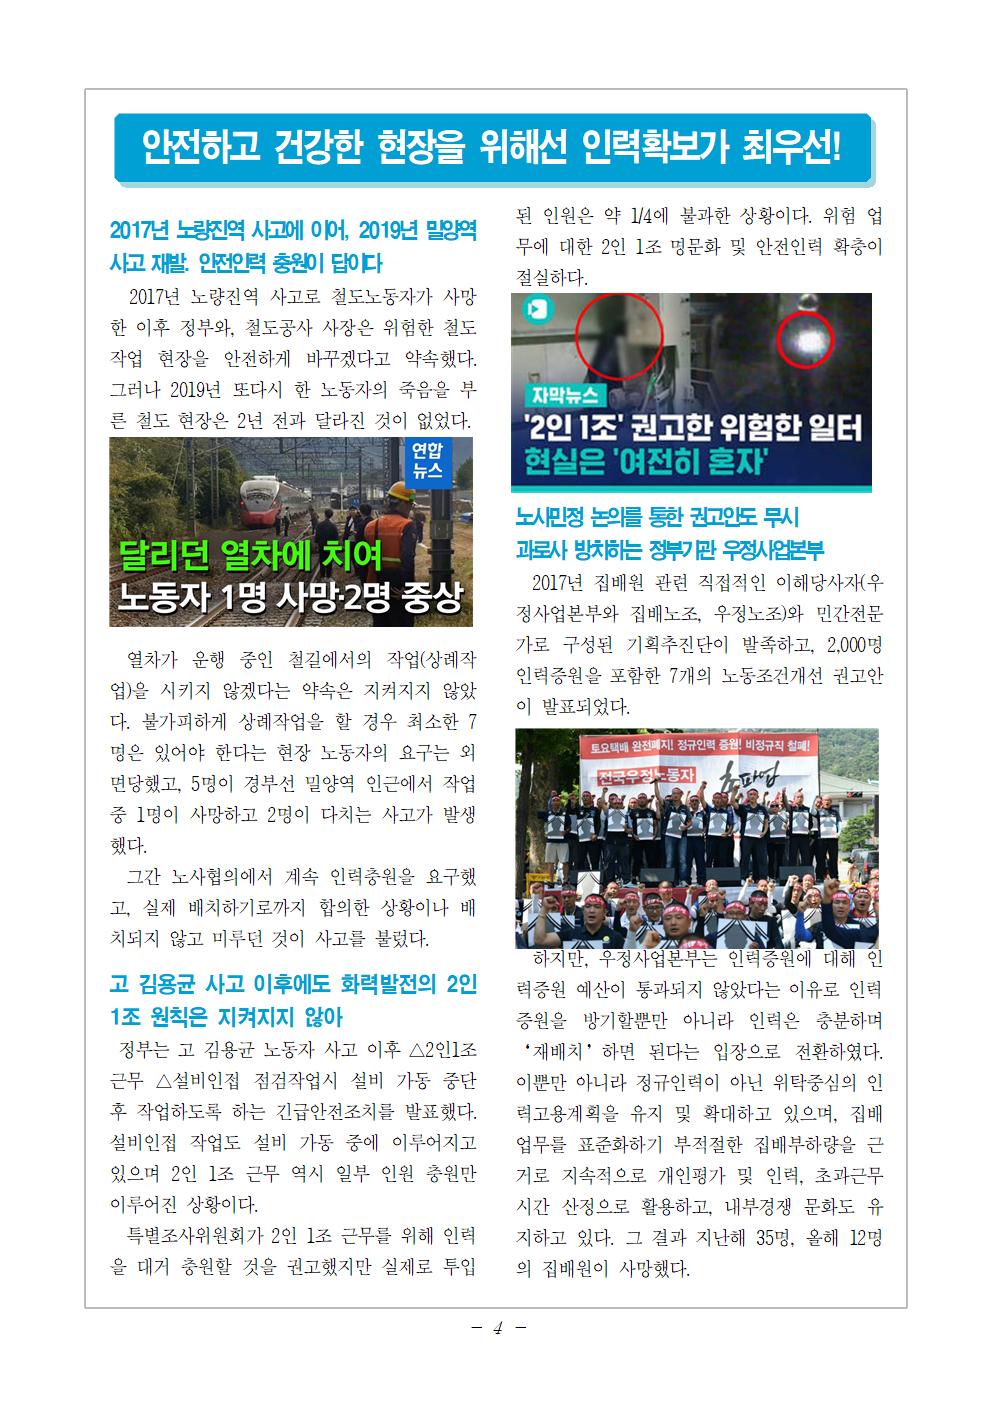 2019_노안순회투쟁교육지_1217004.png